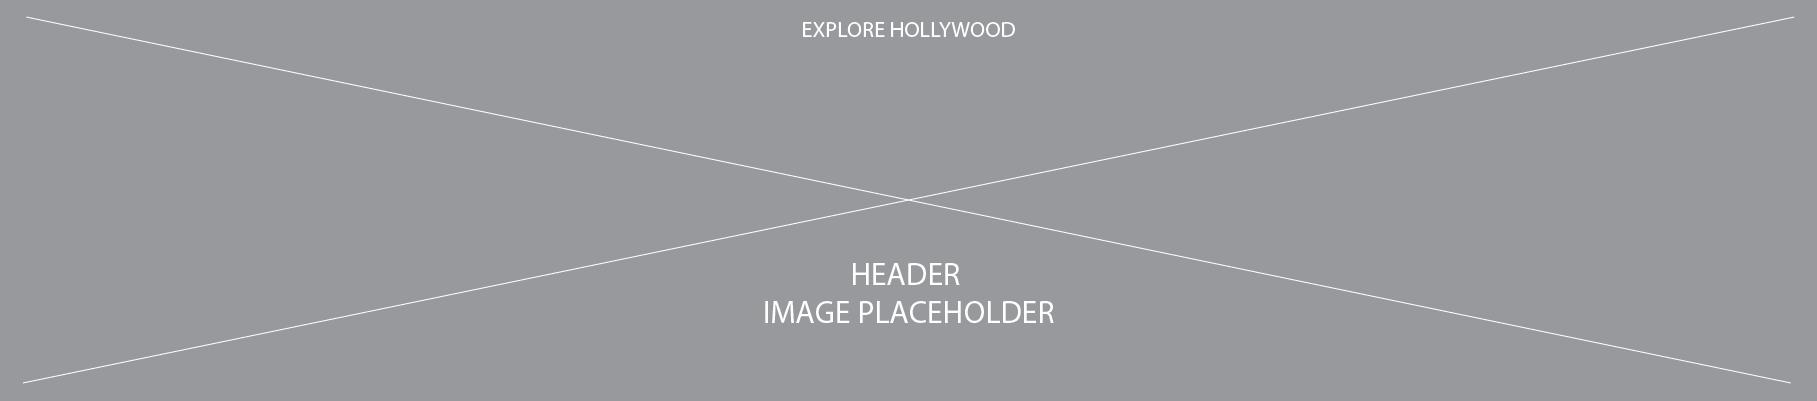 Header Image Placeholder